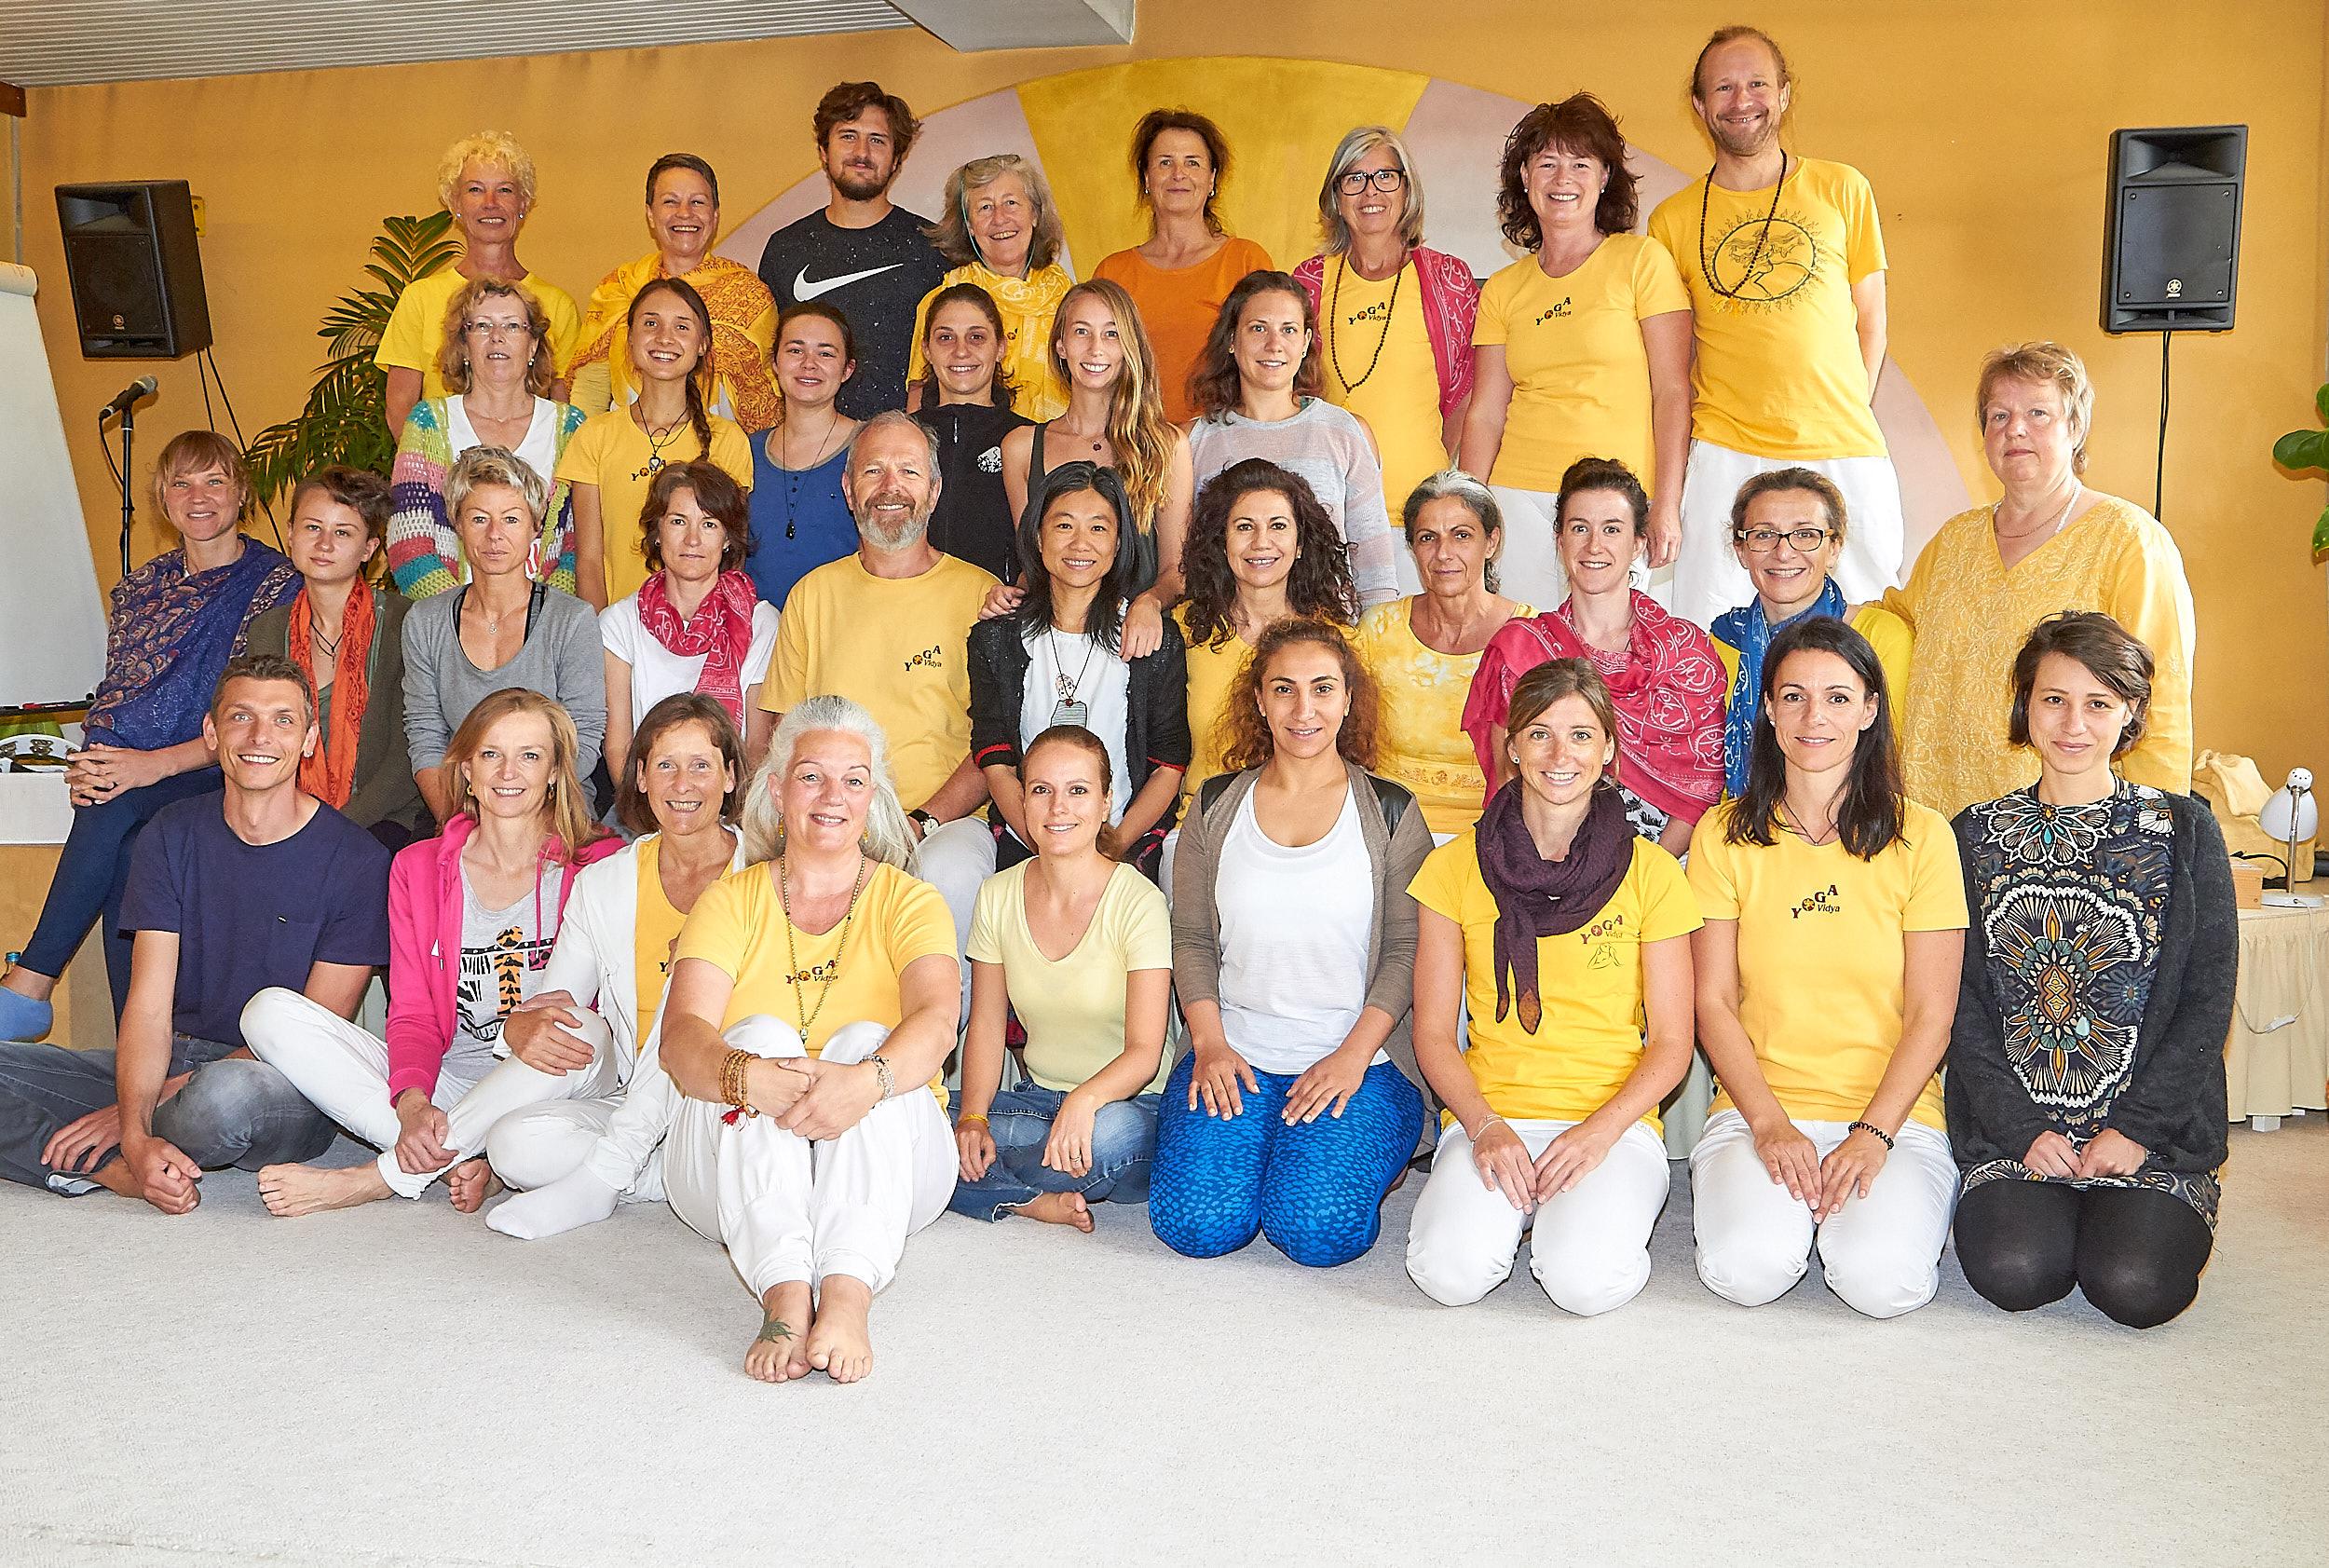 Yogalehrer Ausbildung Intensiv Im Allgau 2018 Yoga Vidya Blog Yoga Meditation Und Ayurveda